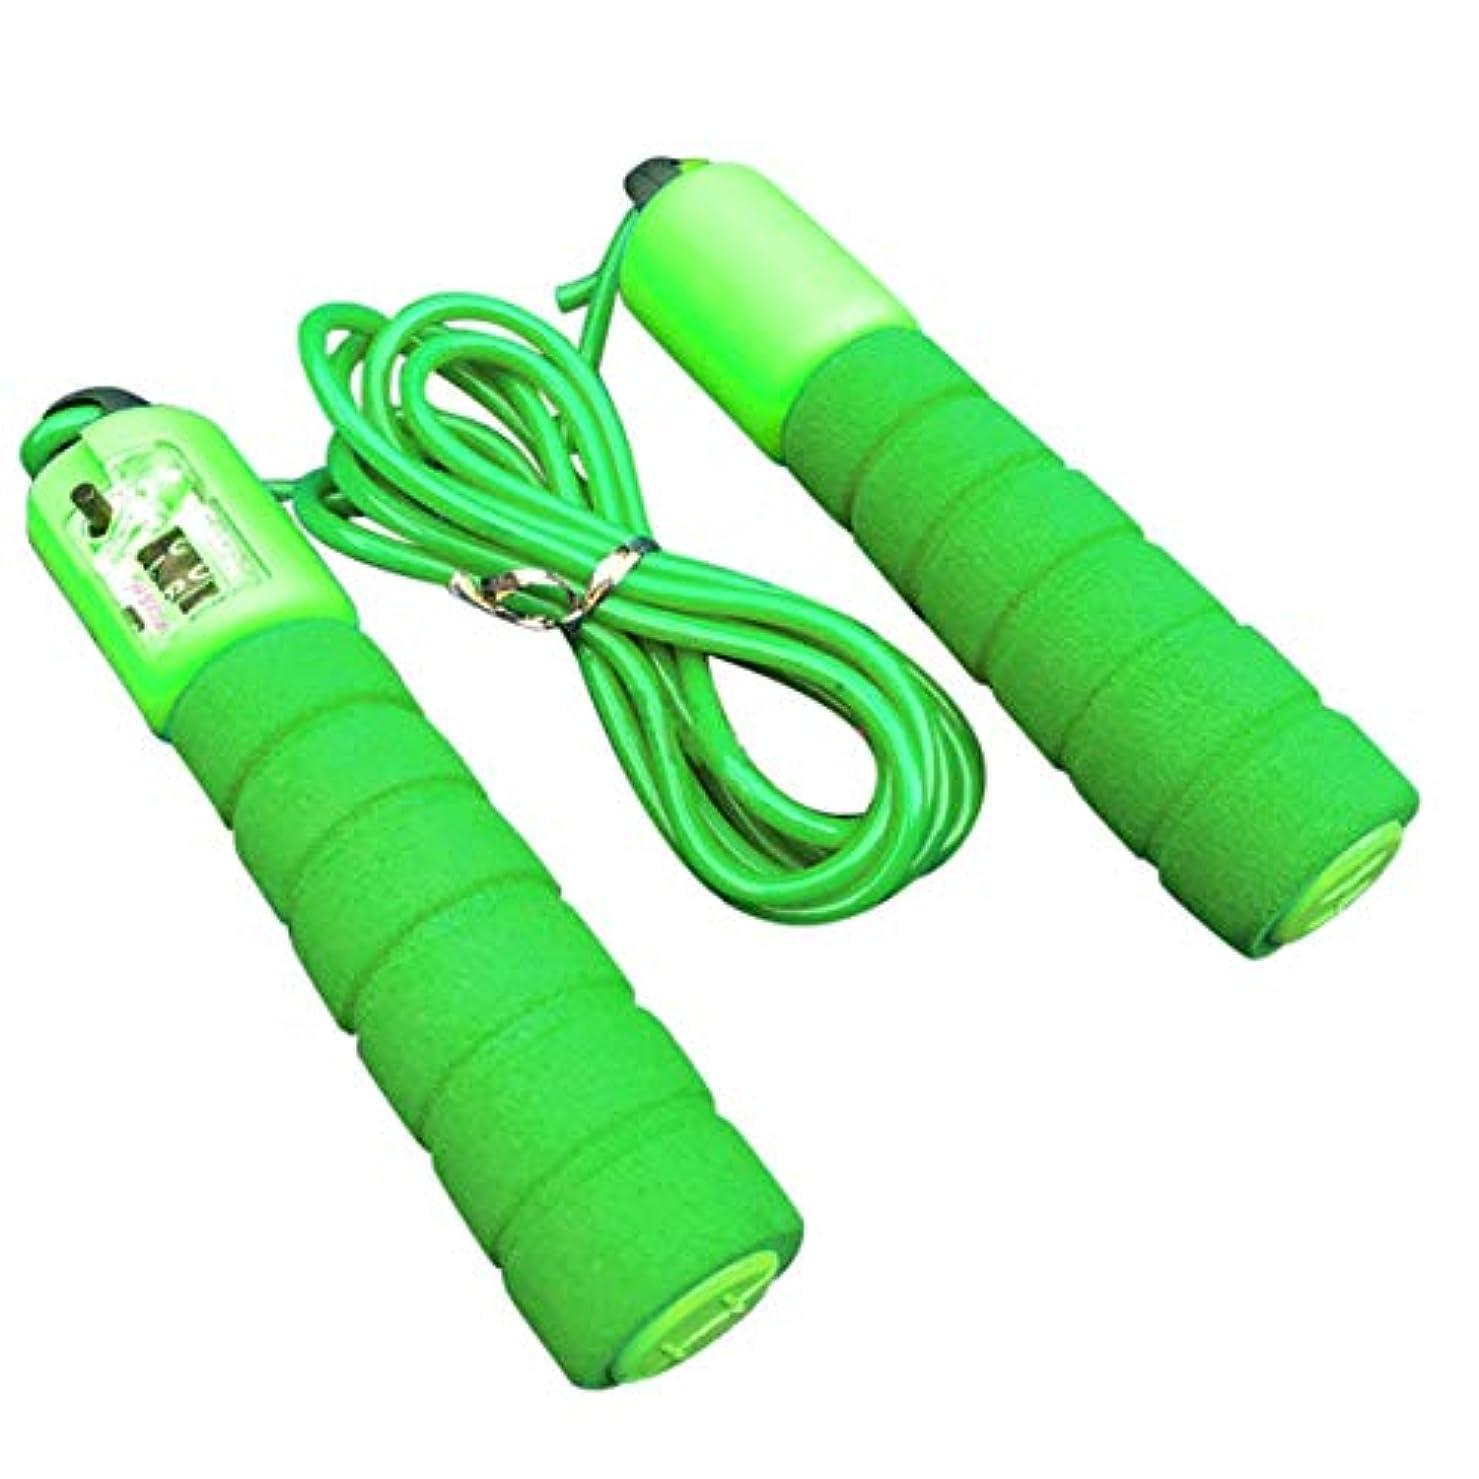 制限する涙が出るパスポート調節可能なプロフェッショナルカウント縄跳び自動カウントジャンプロープフィットネス運動高速カウントジャンプロープ - グリーン